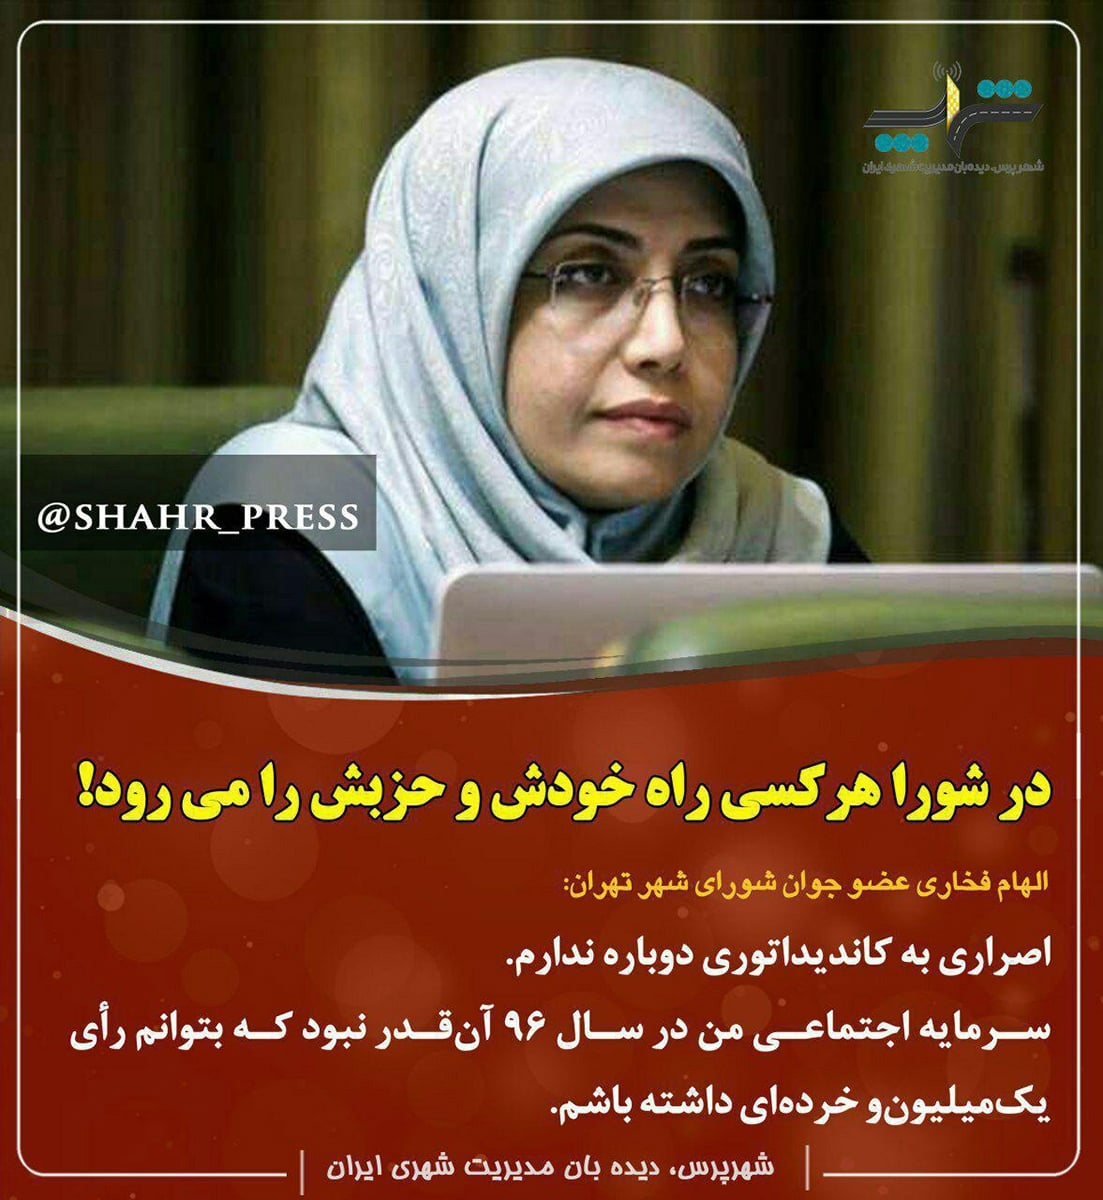 شهرسازی ایران در قربانگاه طایفهسالاری